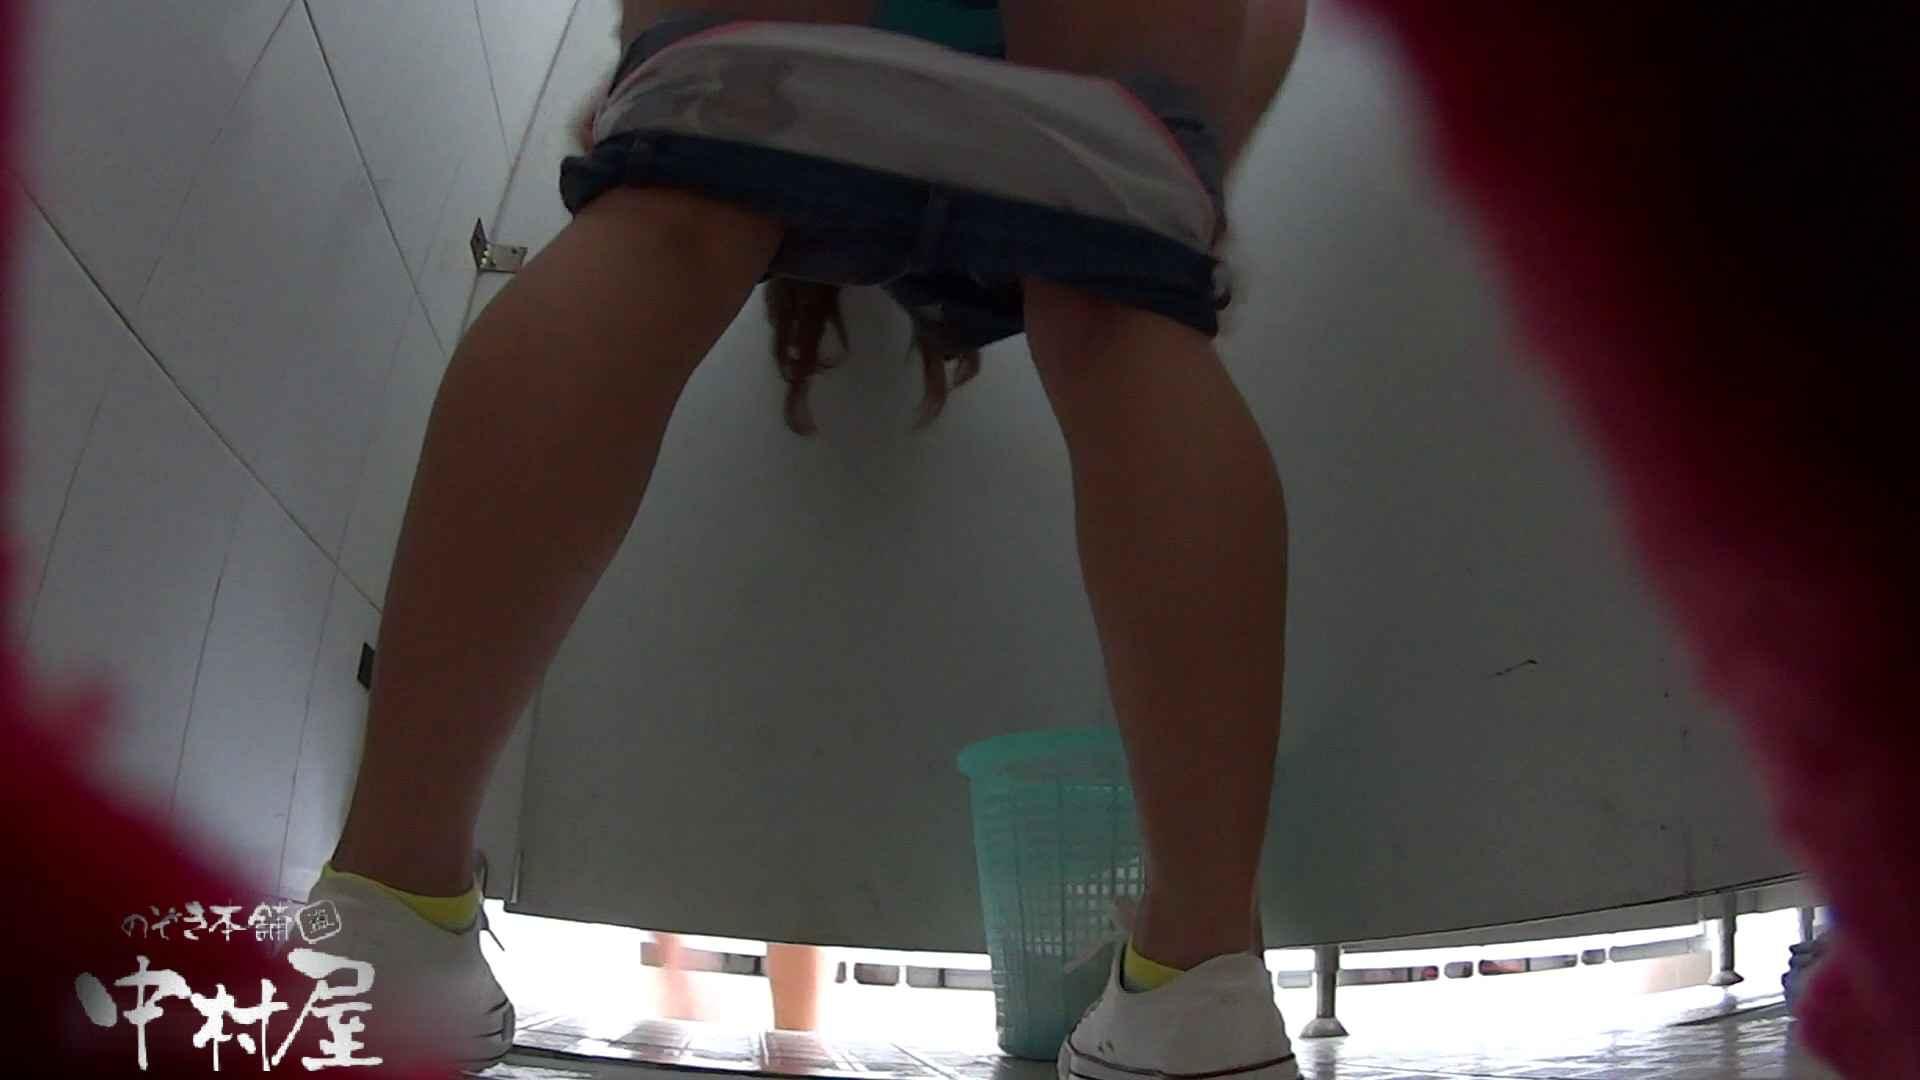 綺麗な桃尻ギャル 大学休憩時間の洗面所事情23 ビッチなギャル   洗面所  69pic 56